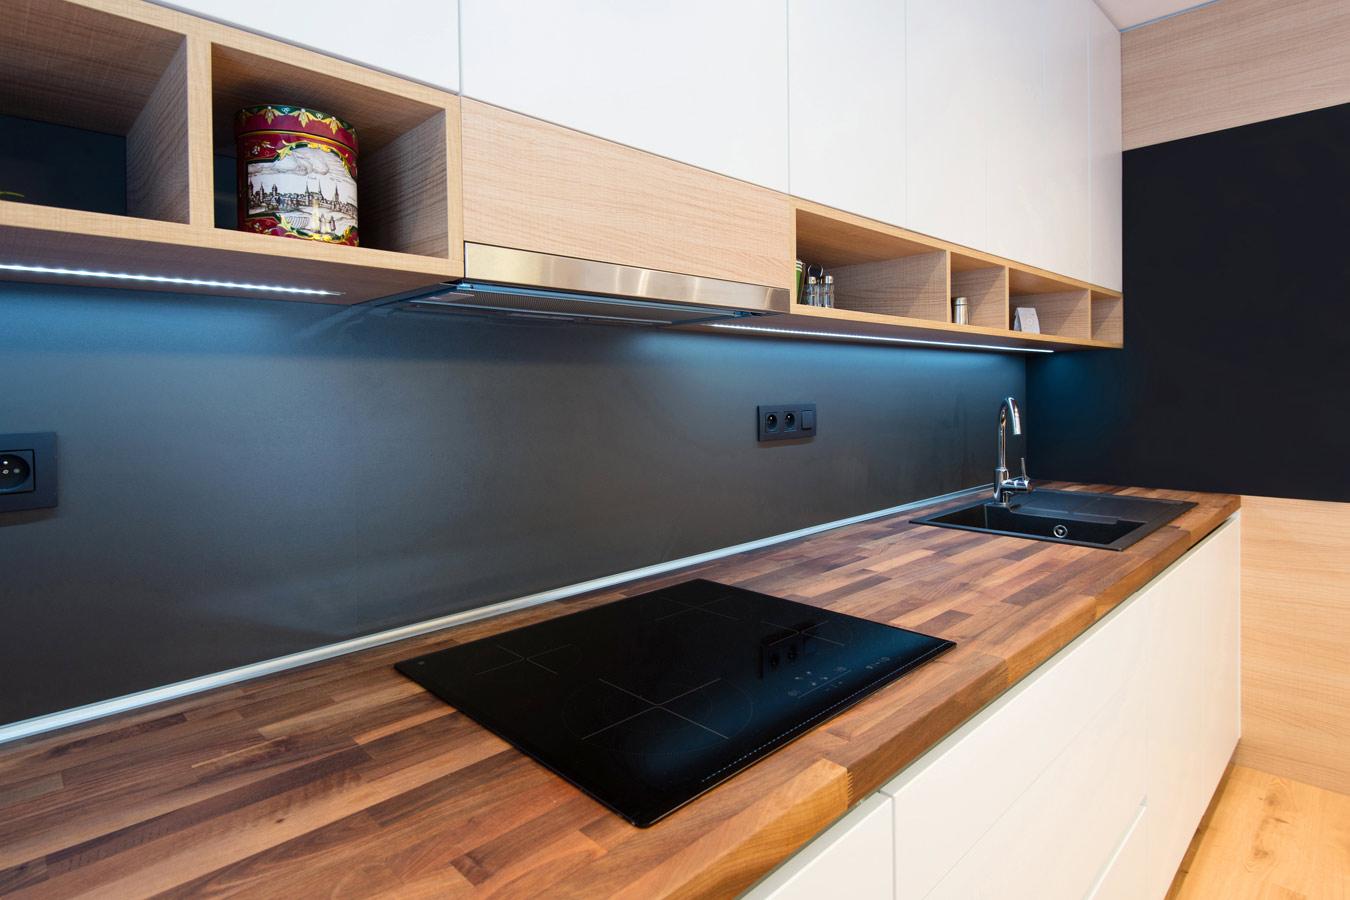 Houten Werkblad Keuken : Houten werkblad in de keuken tips & soorten hout